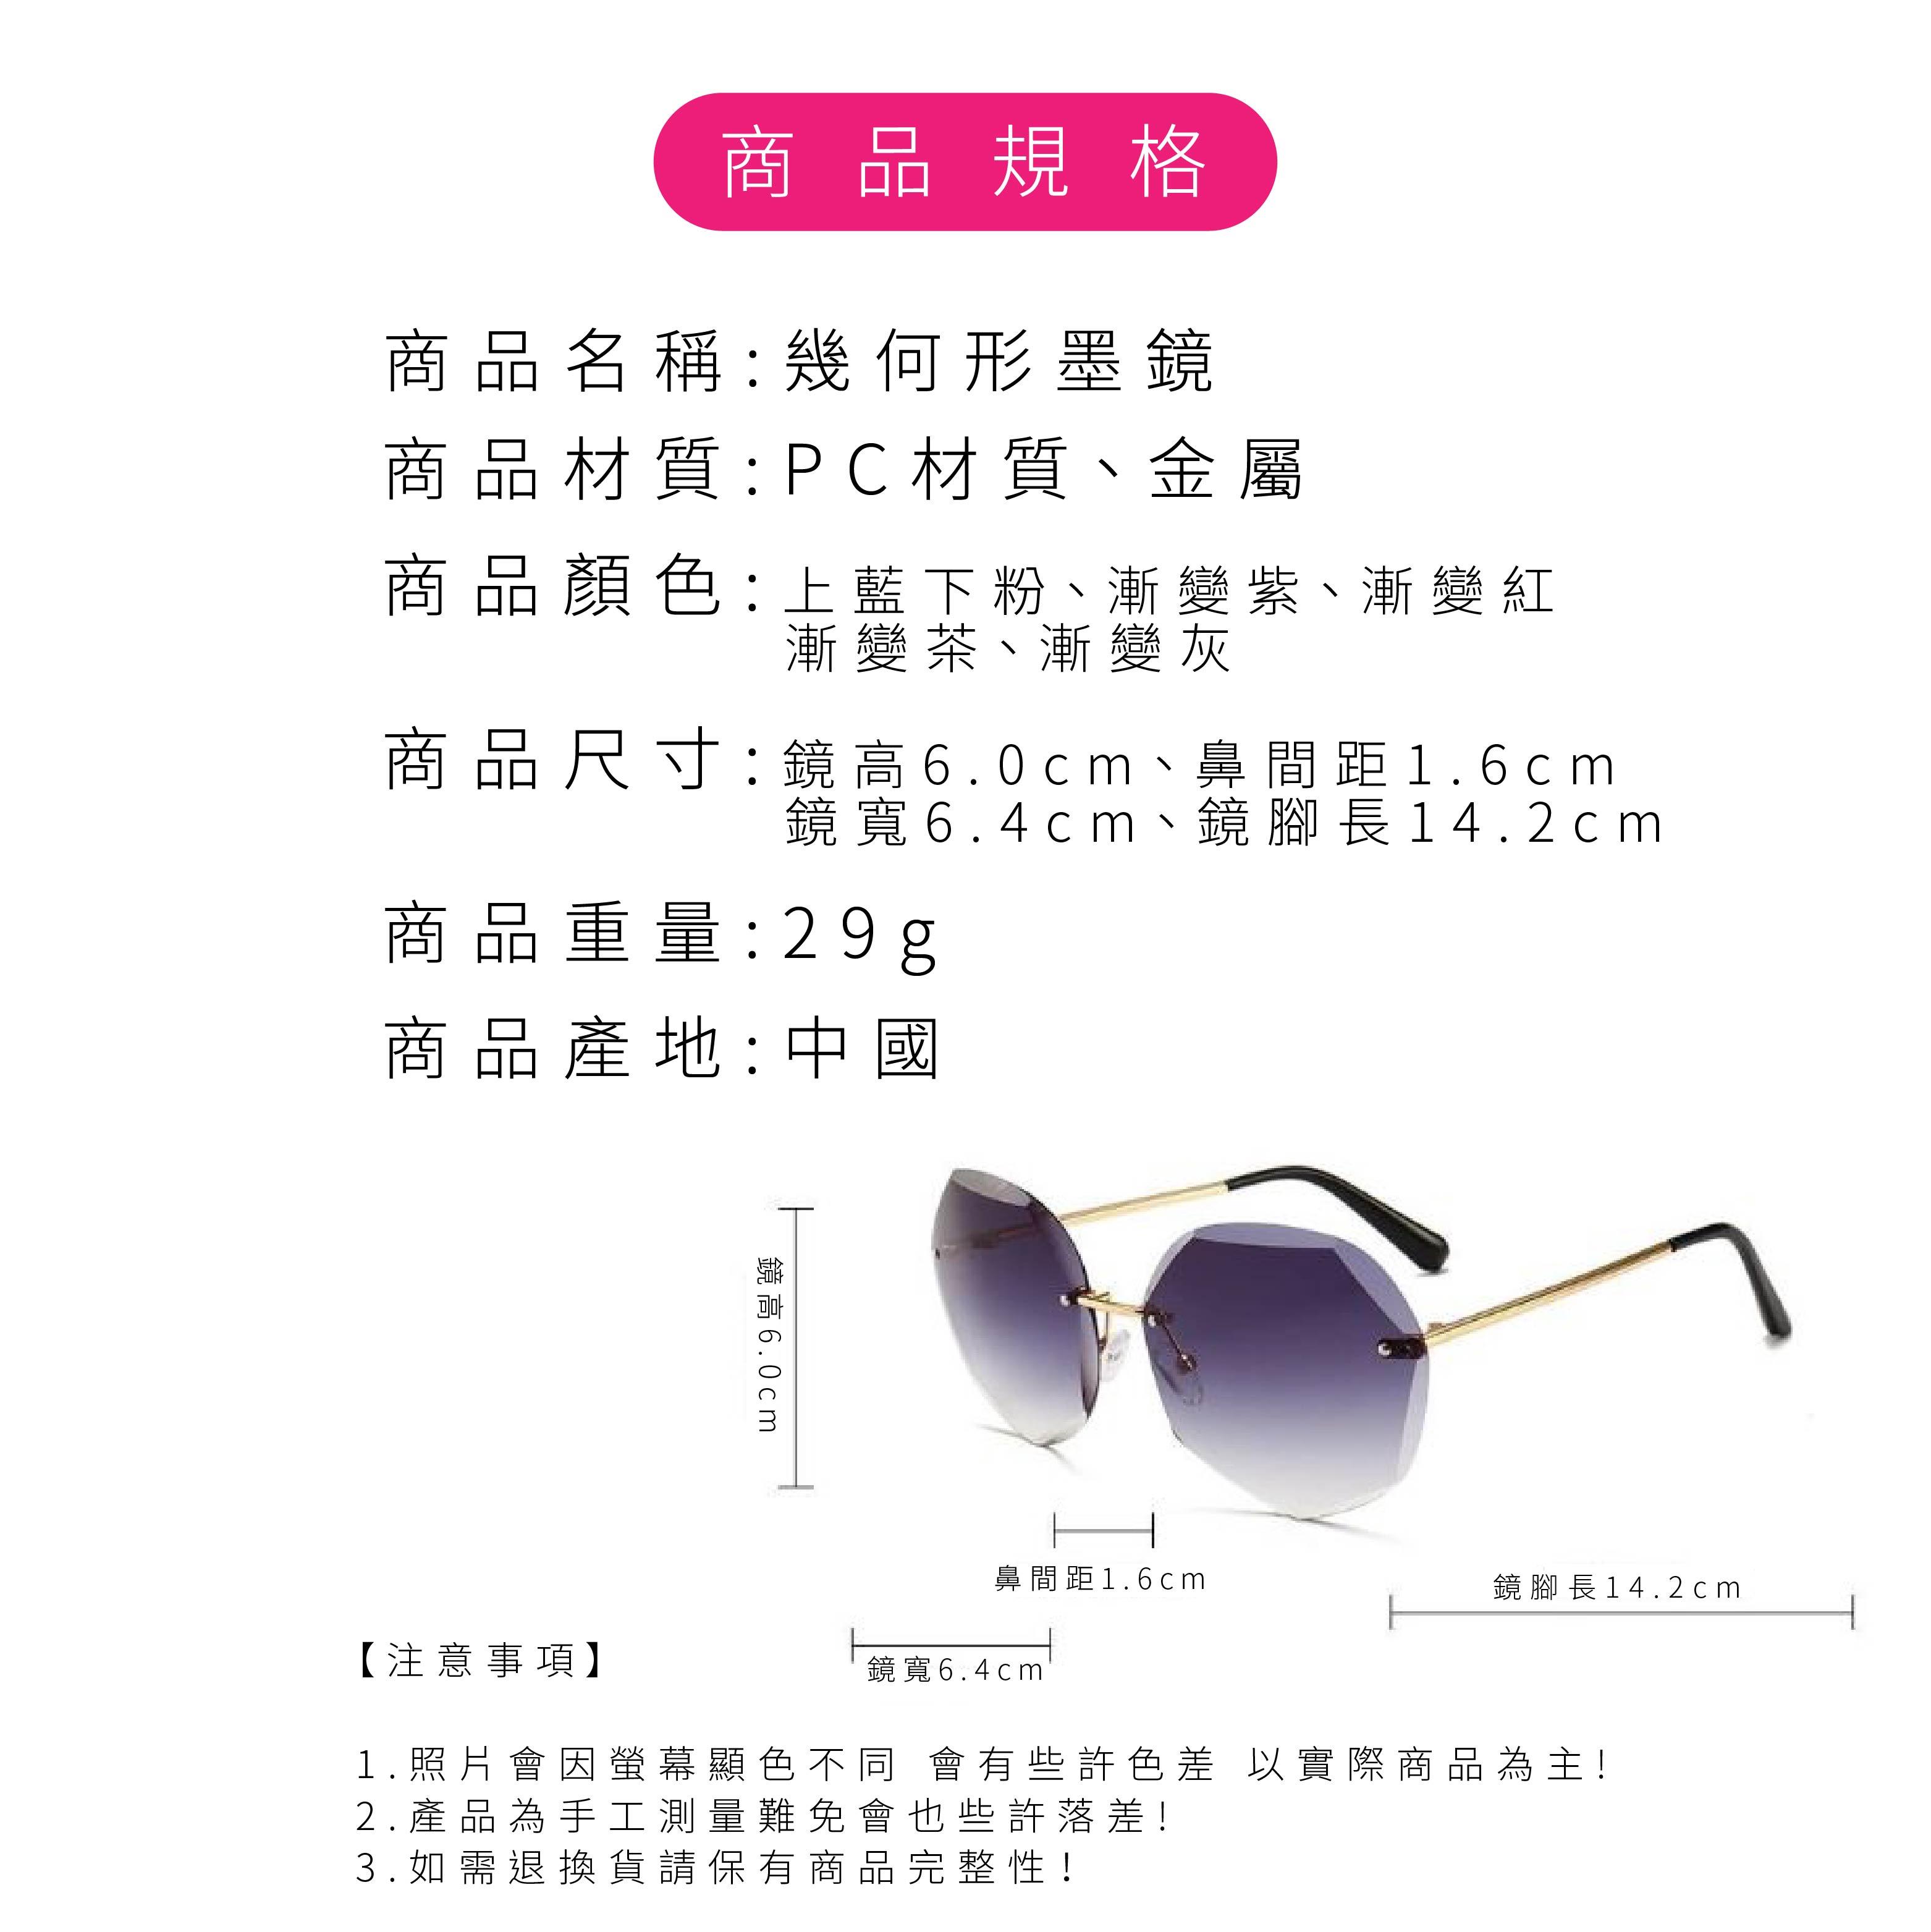 『現貨』金屬幾何墨鏡 水晶切邊 百搭名媛 漸變色 太陽眼鏡 多邊形 小臉【BE476】 8